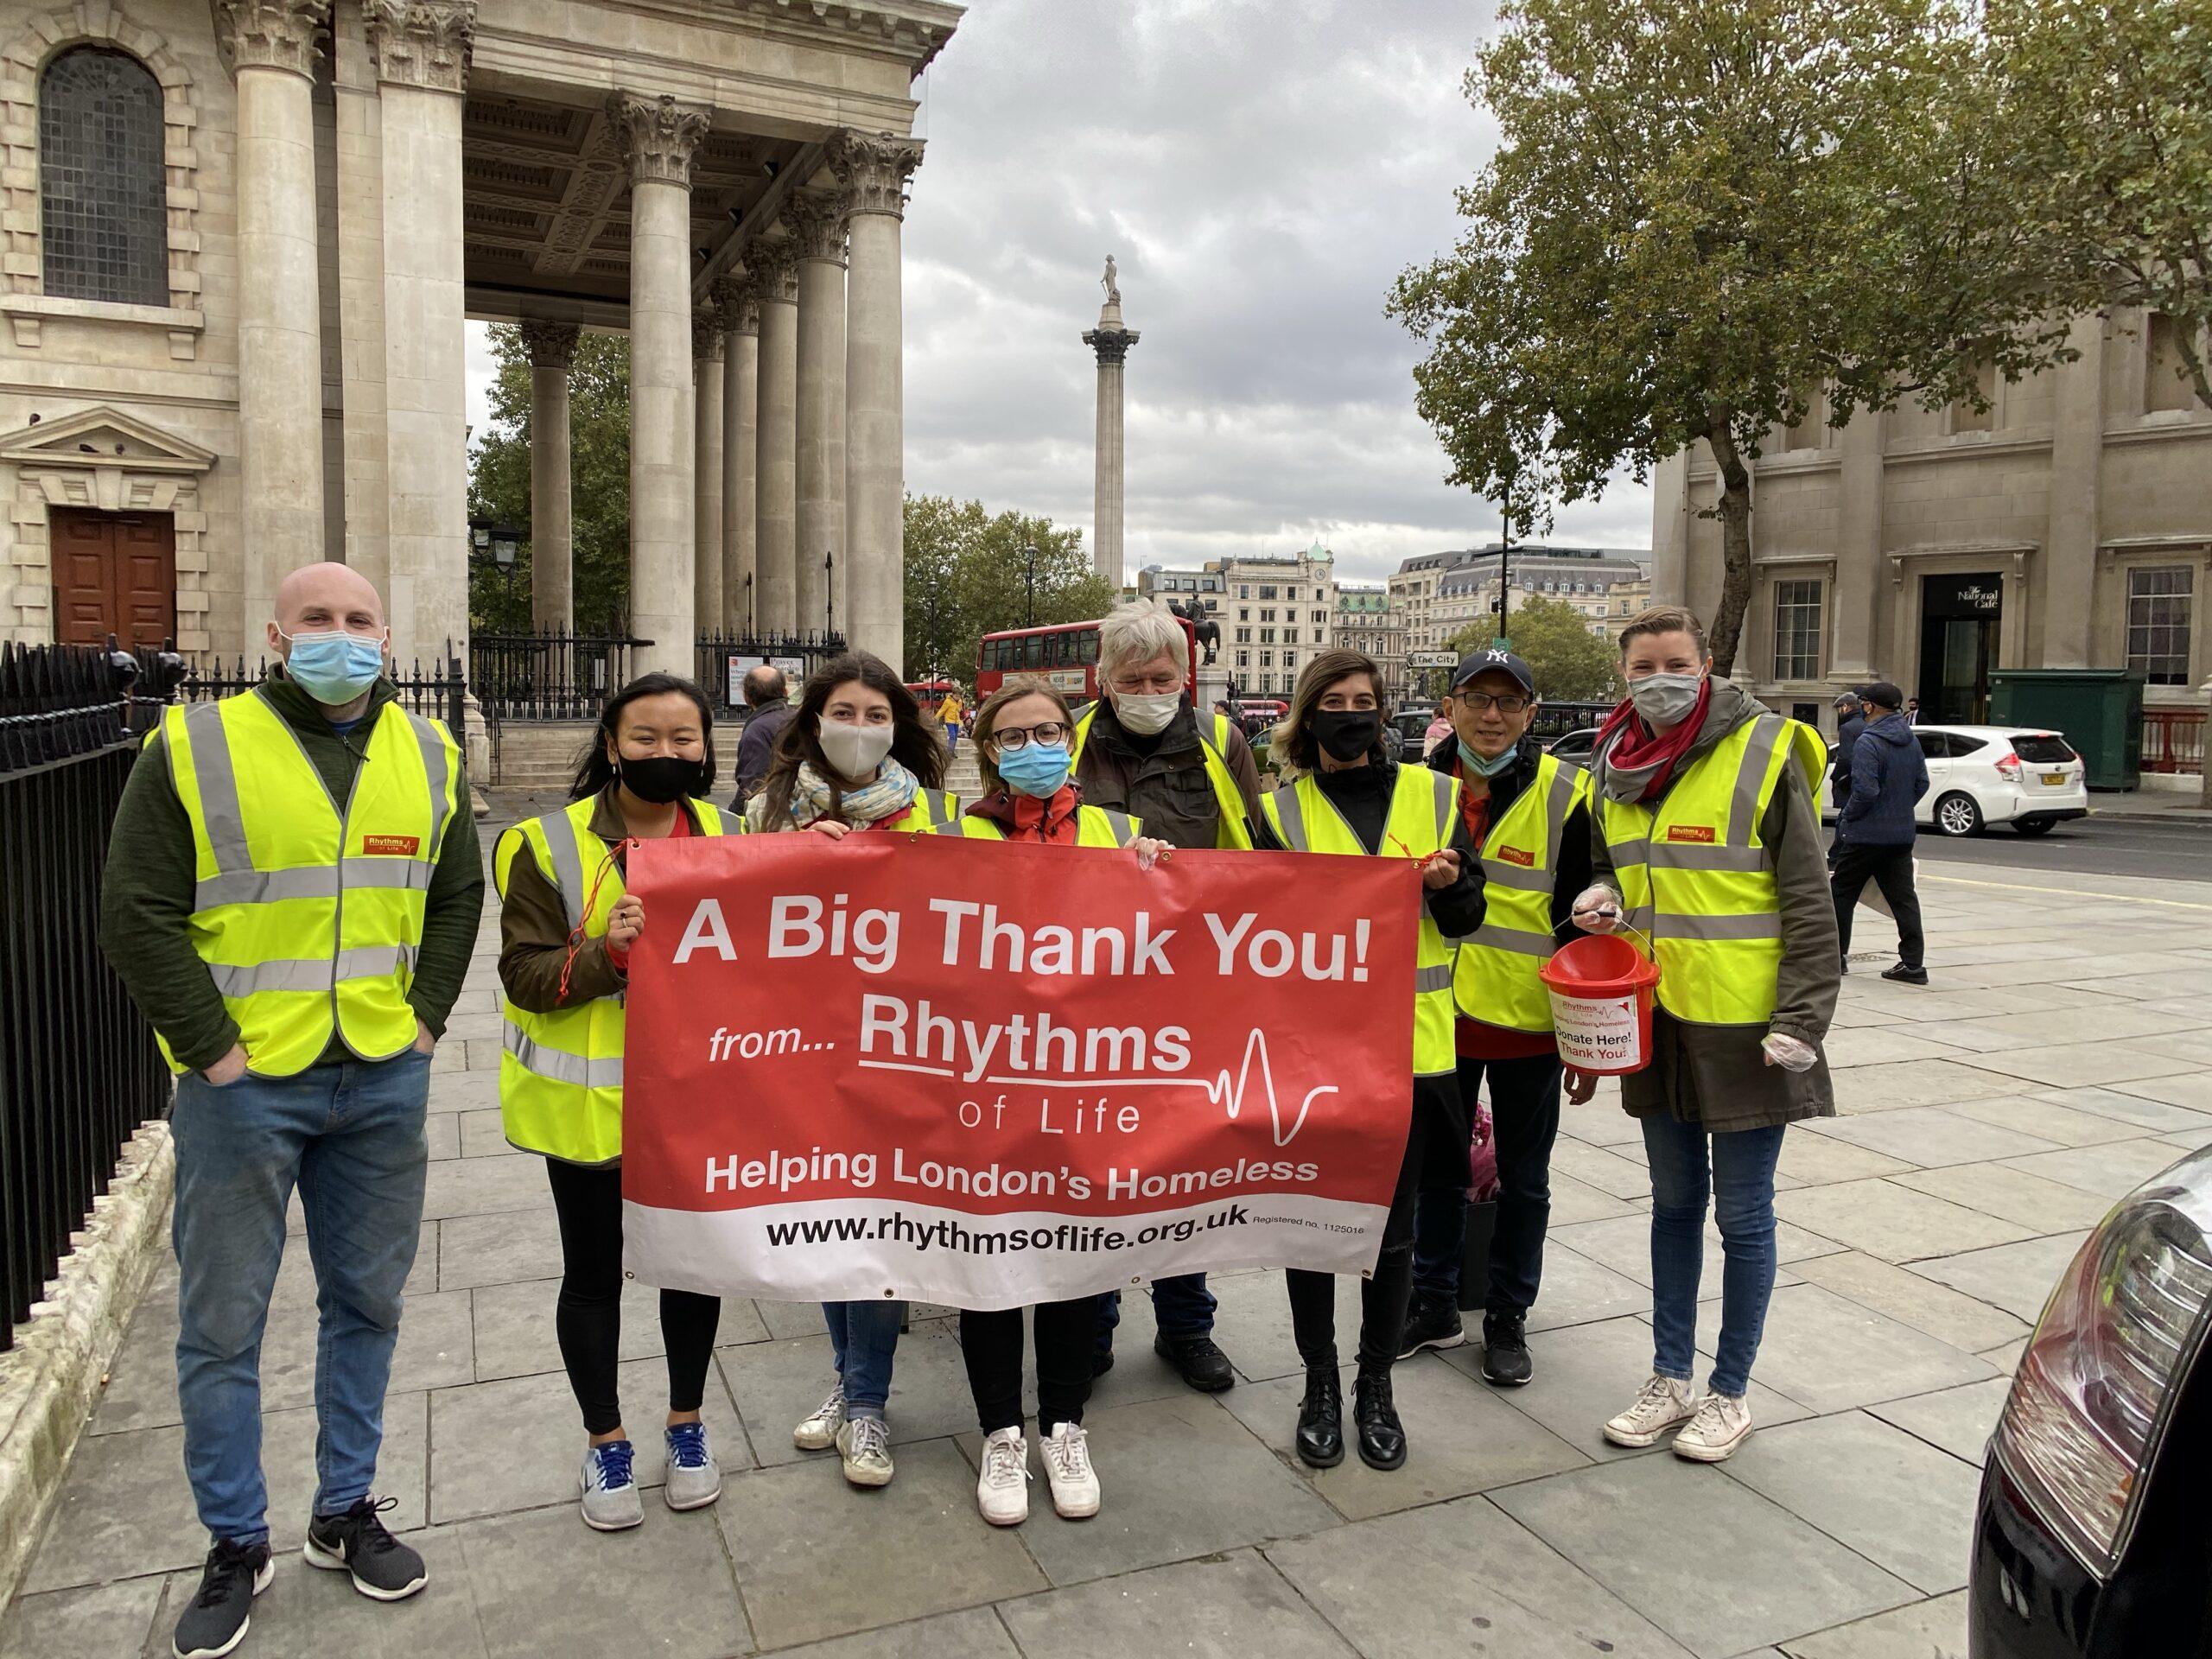 Volunteers-Rhythms of life charity